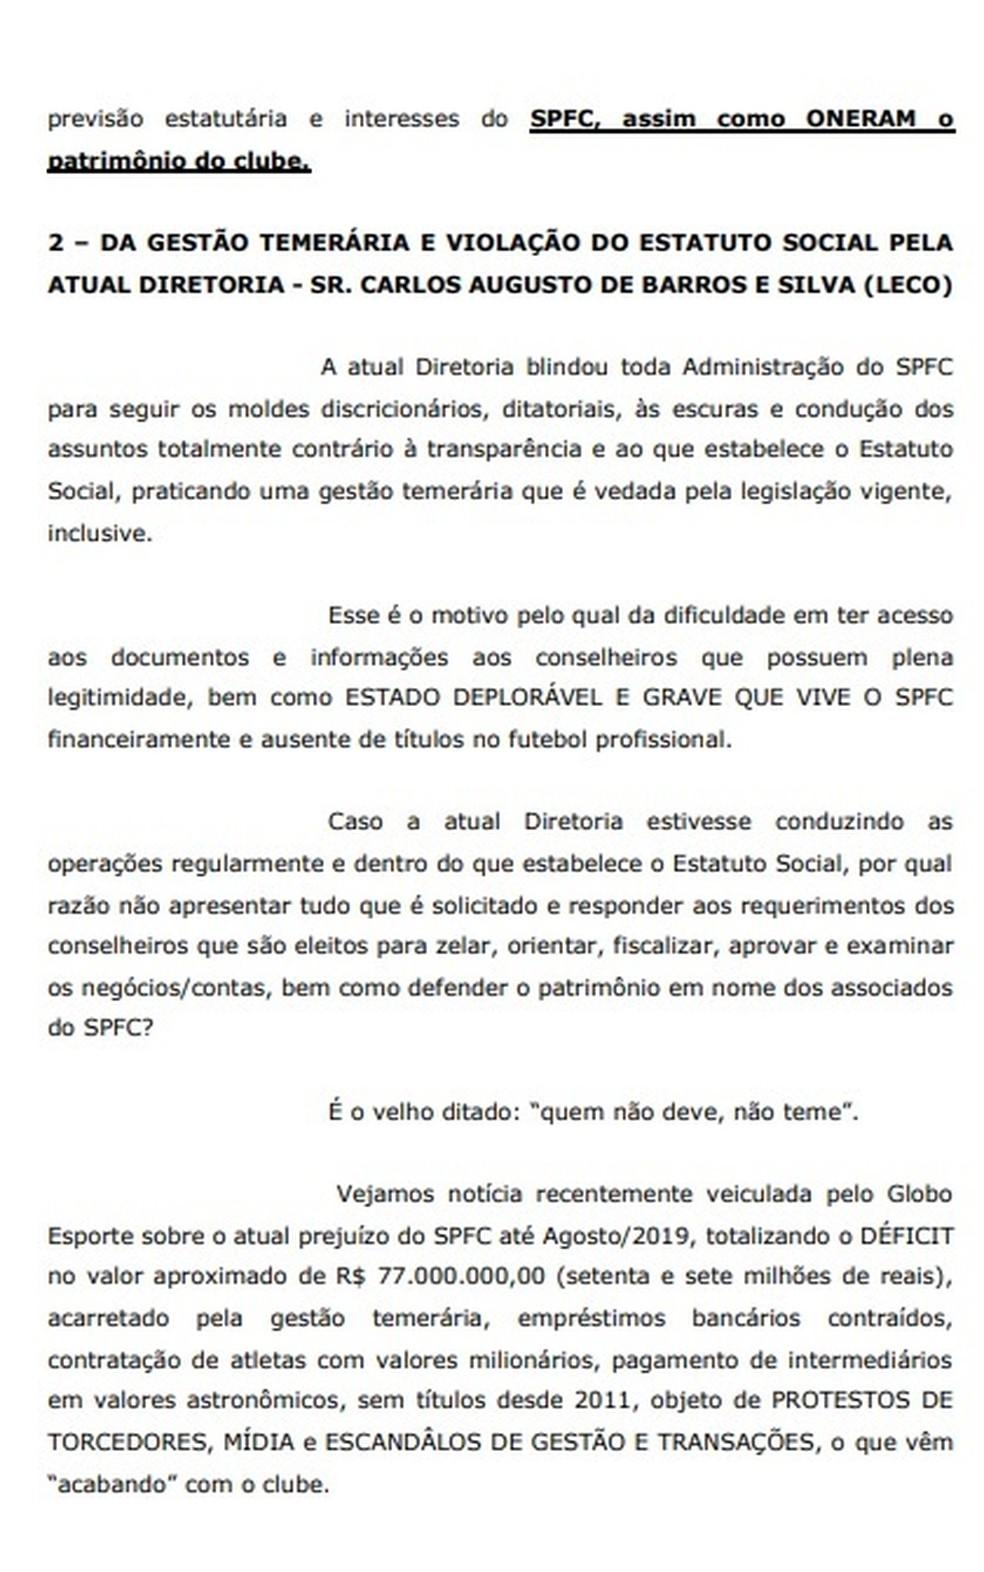 Pedido de impeachment ao presidente Leco, do São Paulo  — Foto: GloboEsporte.com